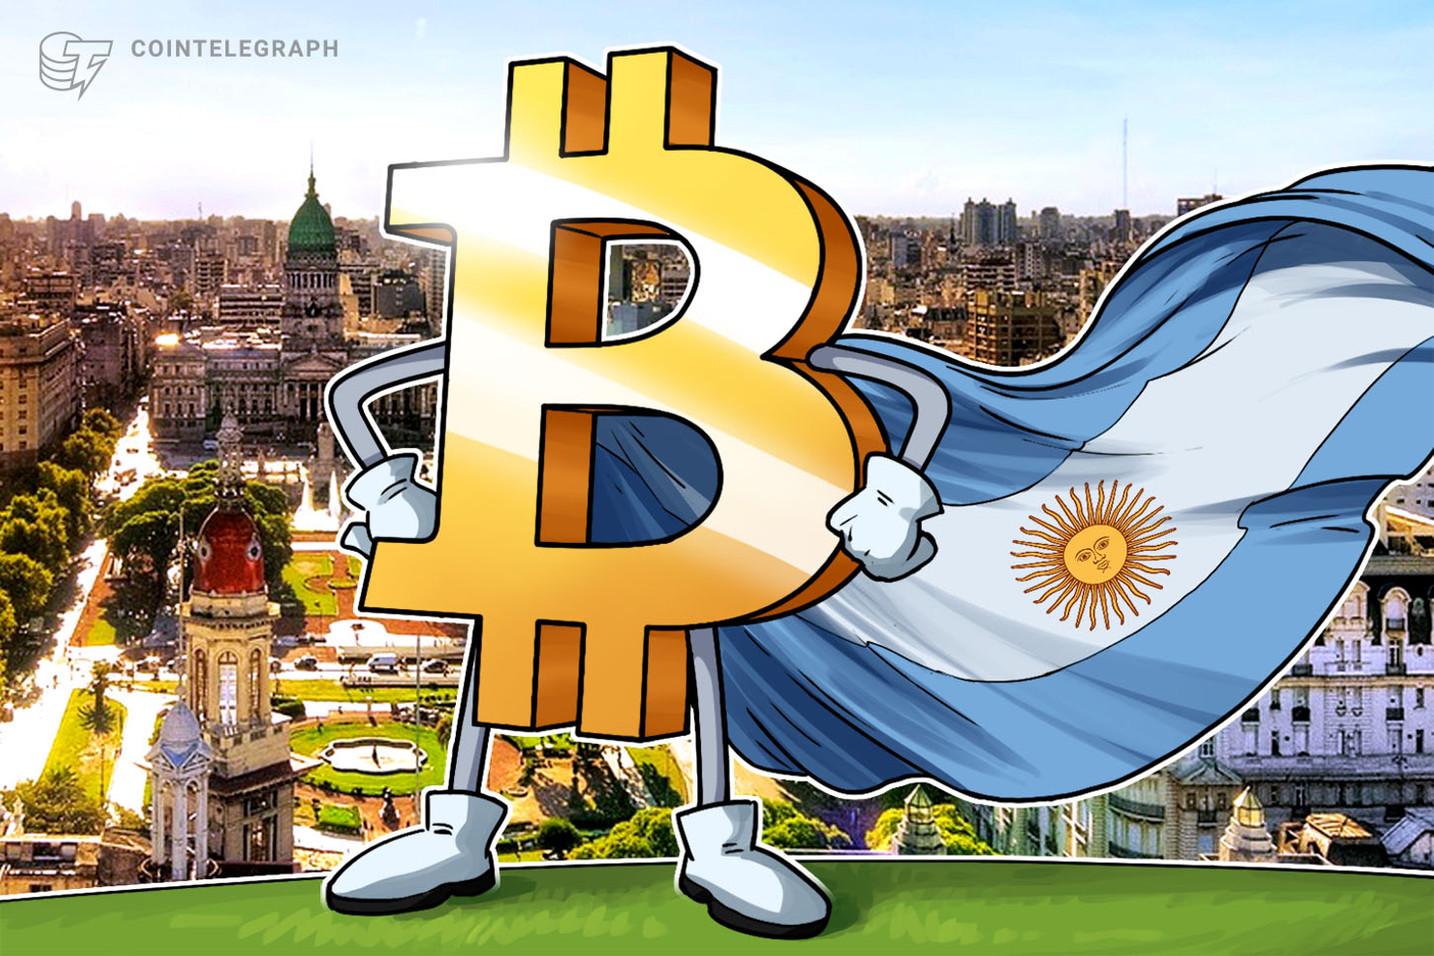 仮想通貨ビットコインの取引高、アルゼンチンで今年最高を更新 27日大統領選前に殺到か【ニュース】